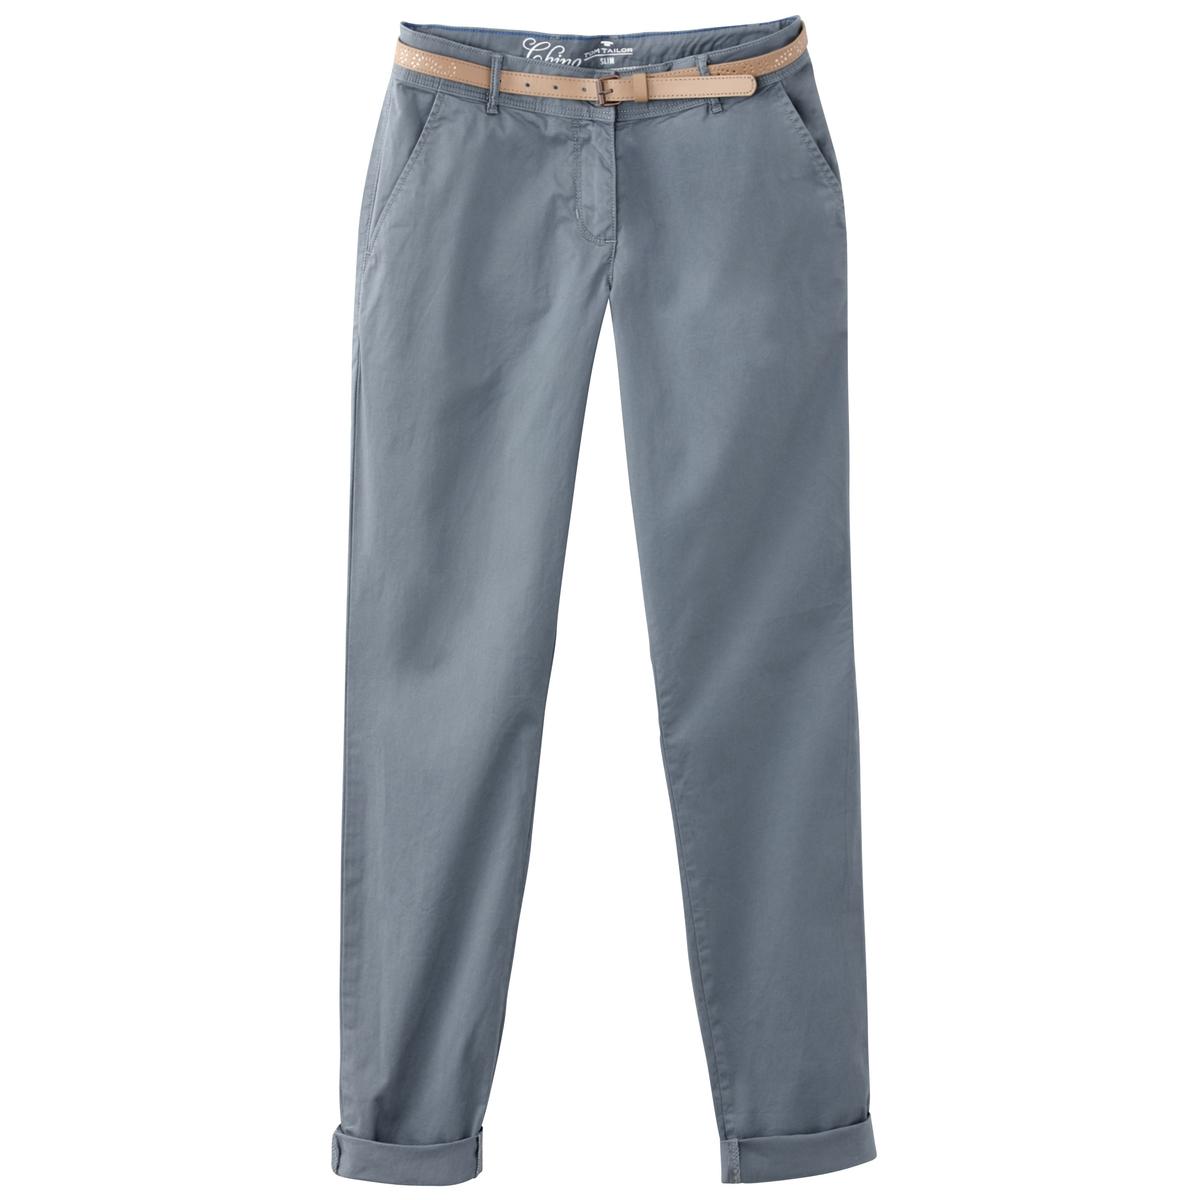 Брюки-чино с поясом из веревкиМатериал : 97% хлопка, 3% эластана Рисунок : однотонная модель  Высота пояса : стандартная Покрой брюк : брюки-чино<br><br>Цвет: темно-синий